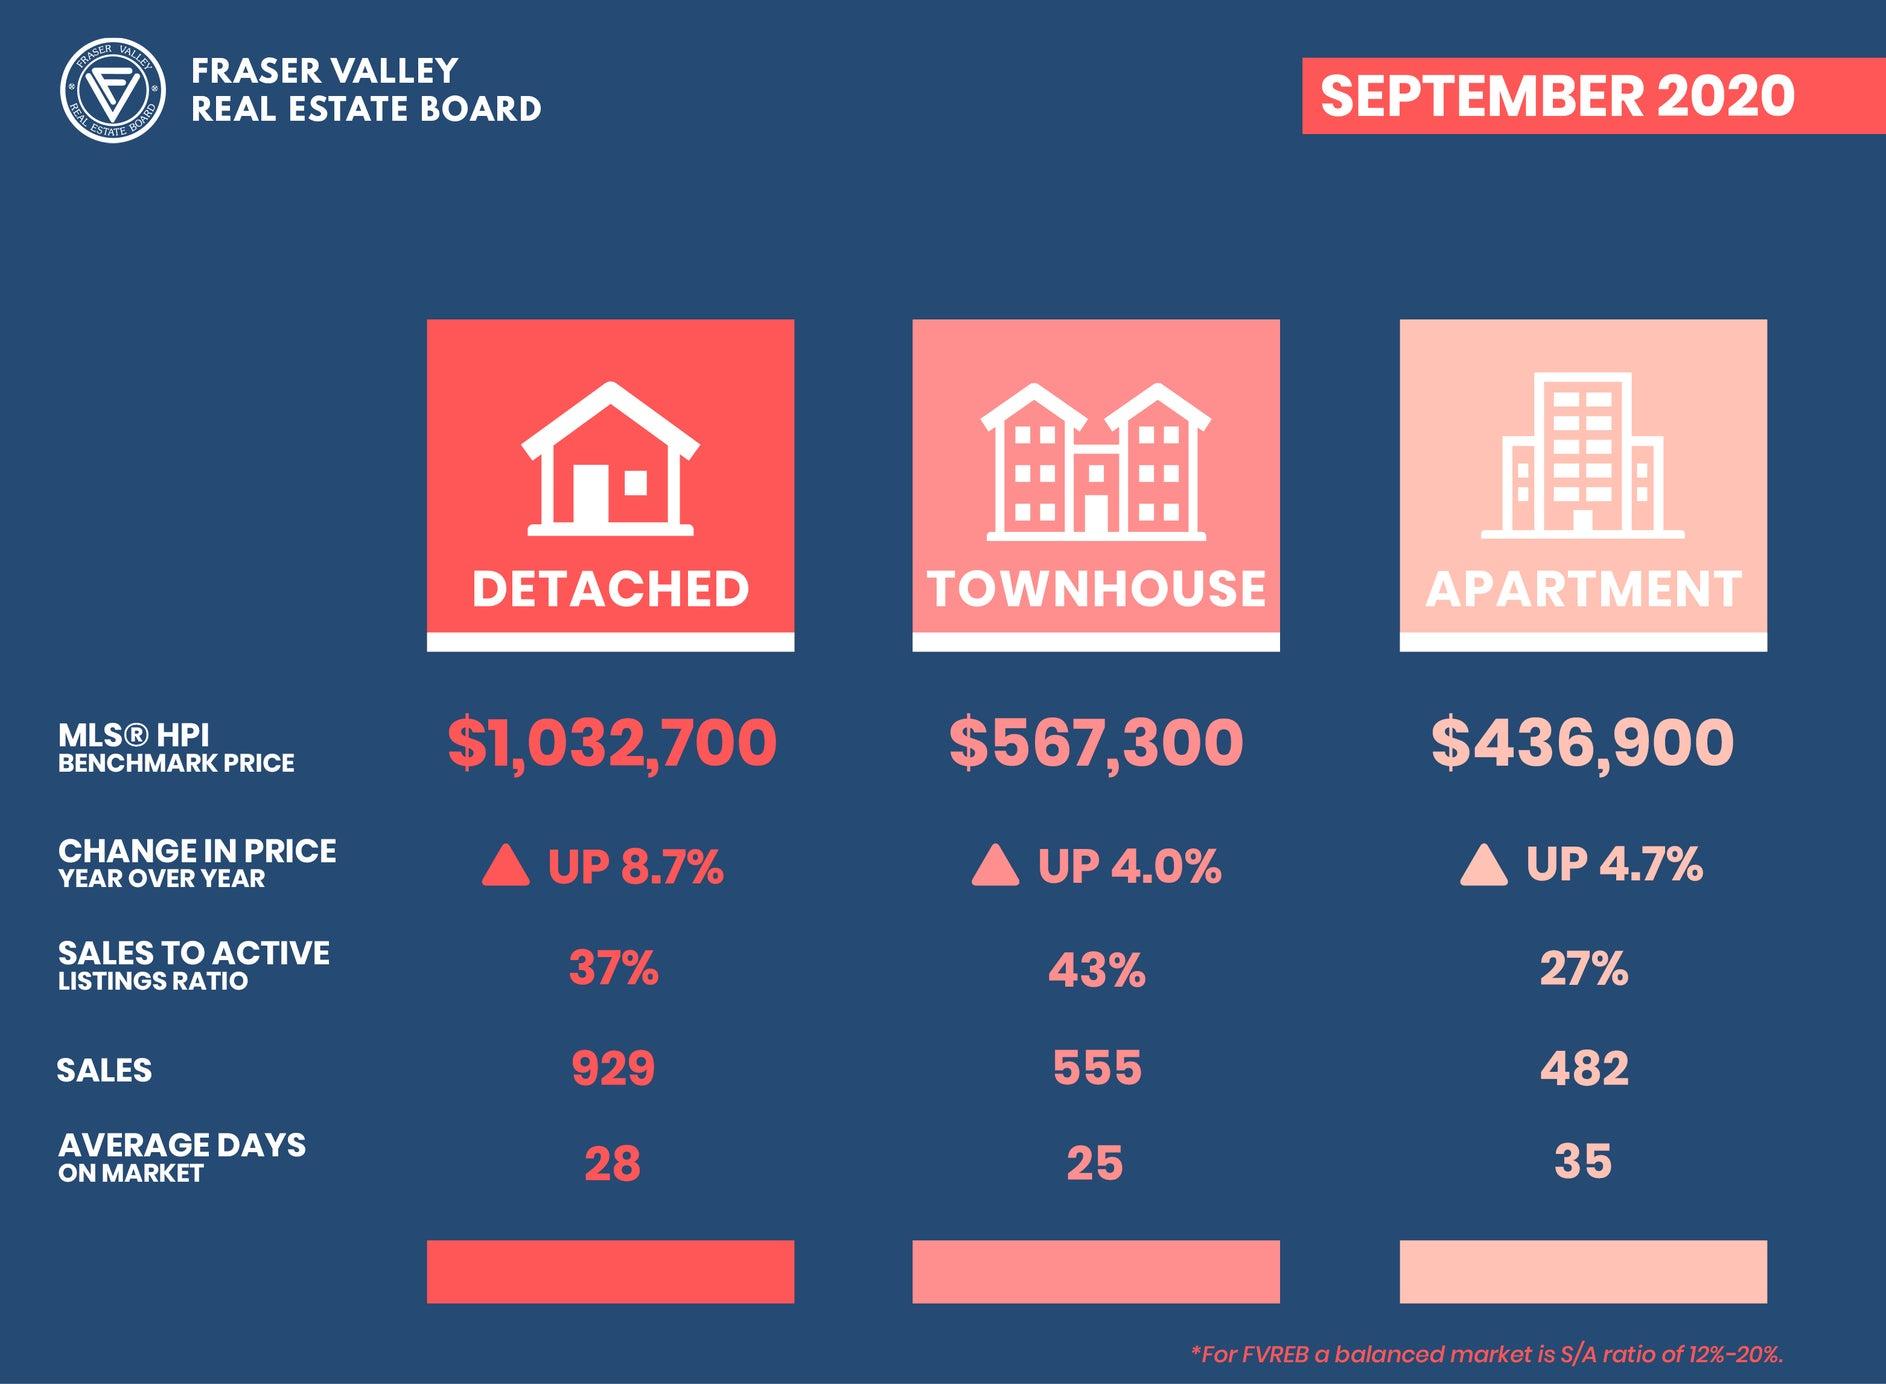 Fraser Valley Housing Market Report September 2020 – Benchmark Price Activity